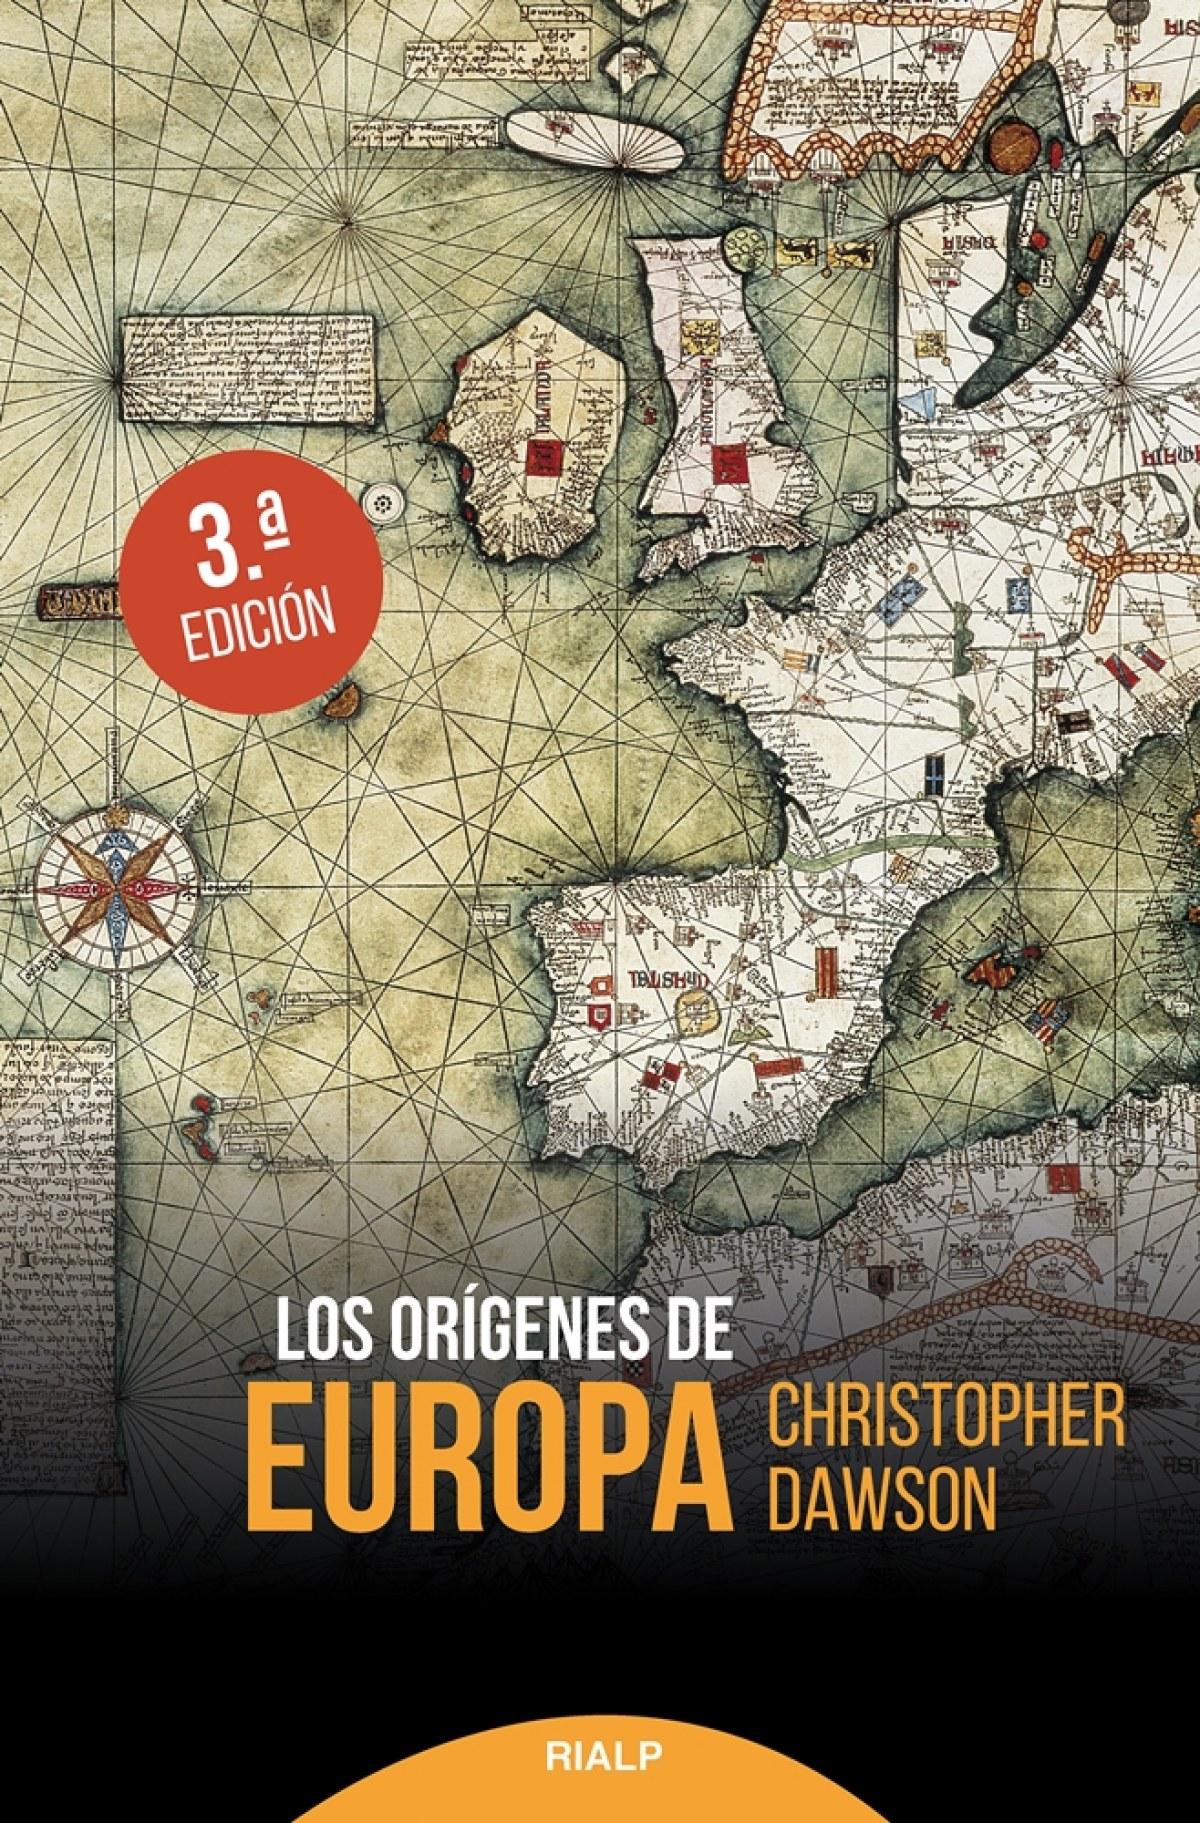 Los orágenes de Europa